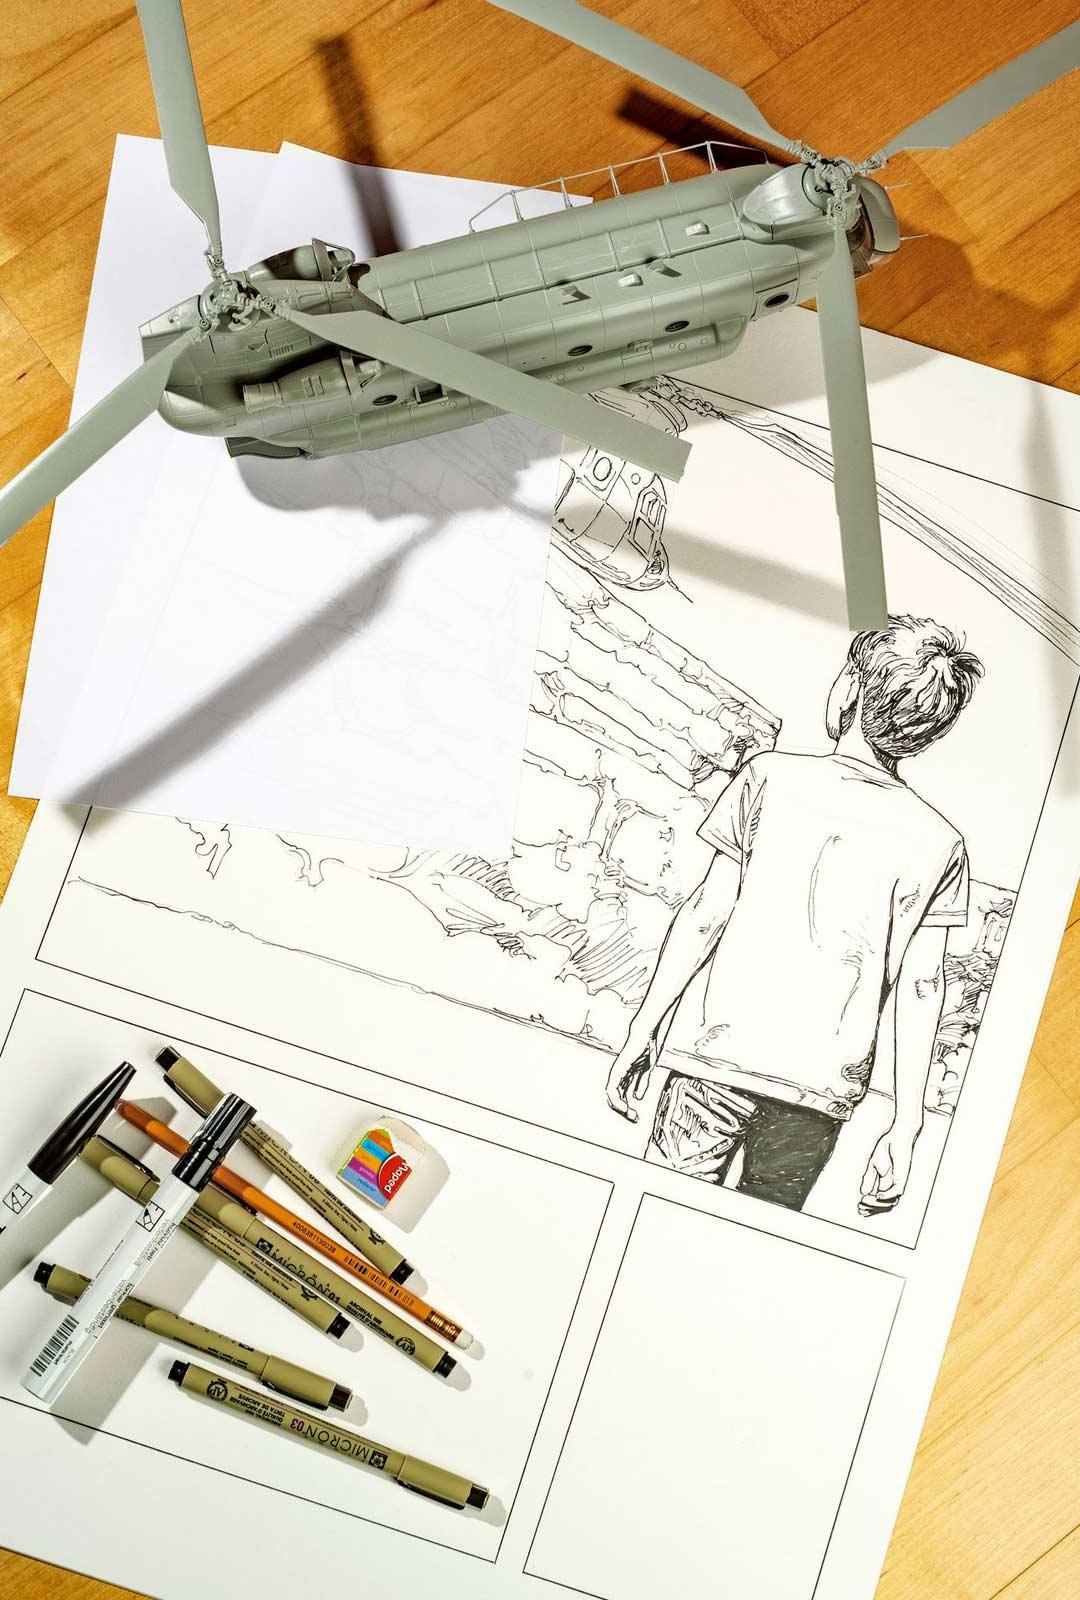 Hannu Leimu päätyi kokeilemaan sarjakuva-albumin piirtämistä, kun tie taidemaalarina tuntui nousseen pystyyn. Ensimmäinen albumi on juuri ilmestynyt, ja toinen on jo tekeillä.